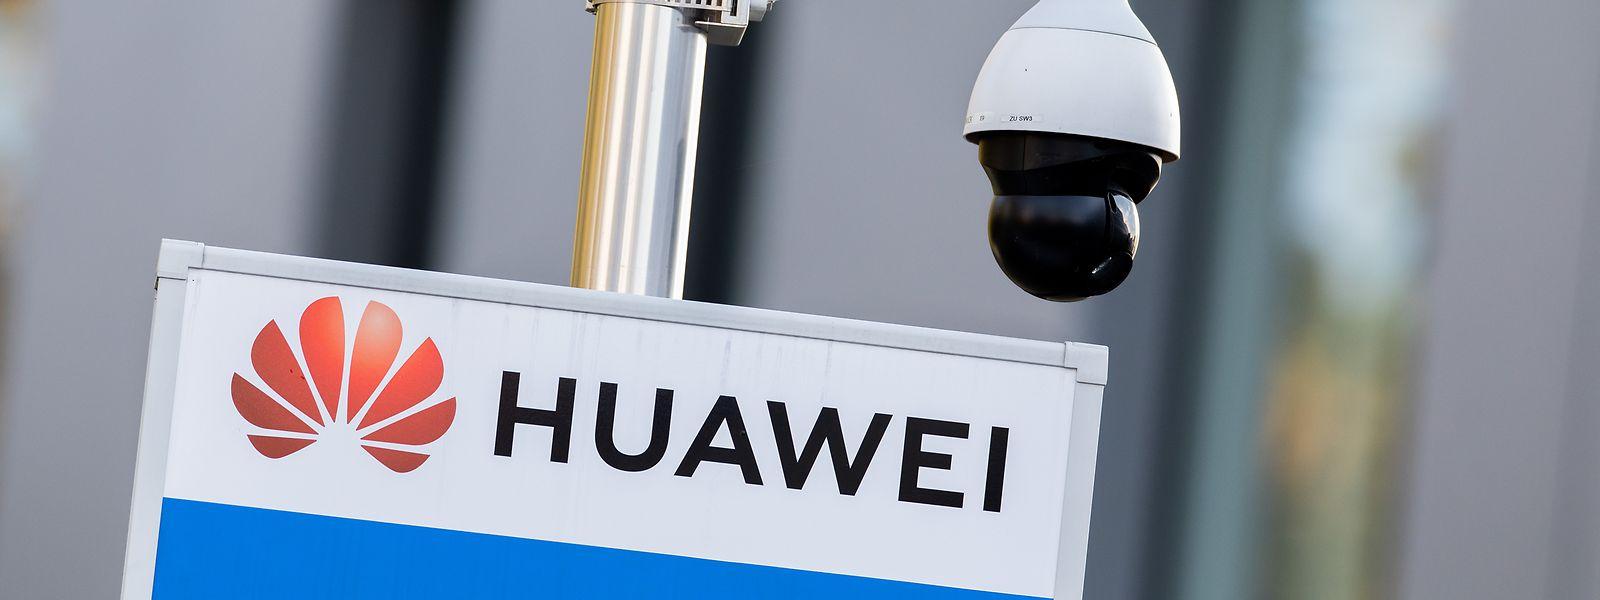 Les Etats-Unis accusent Huawei de vouloir espionner les réseaux américains.